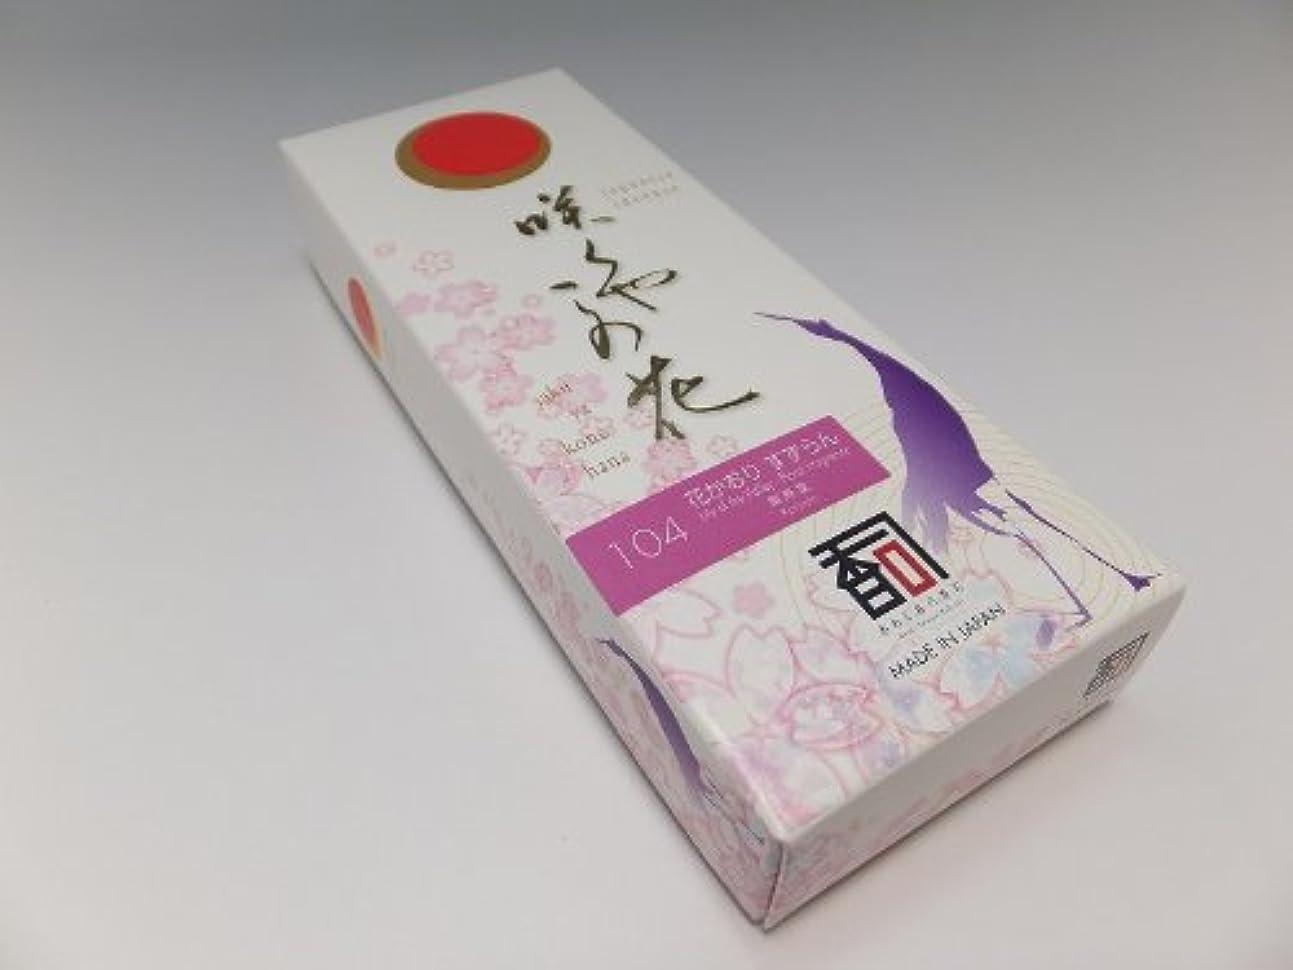 インストラクターハウジングくるくる「あわじ島の香司」 日本の香りシリーズ  [咲くや この花] 【104】 花かおり すずらん (煙少)